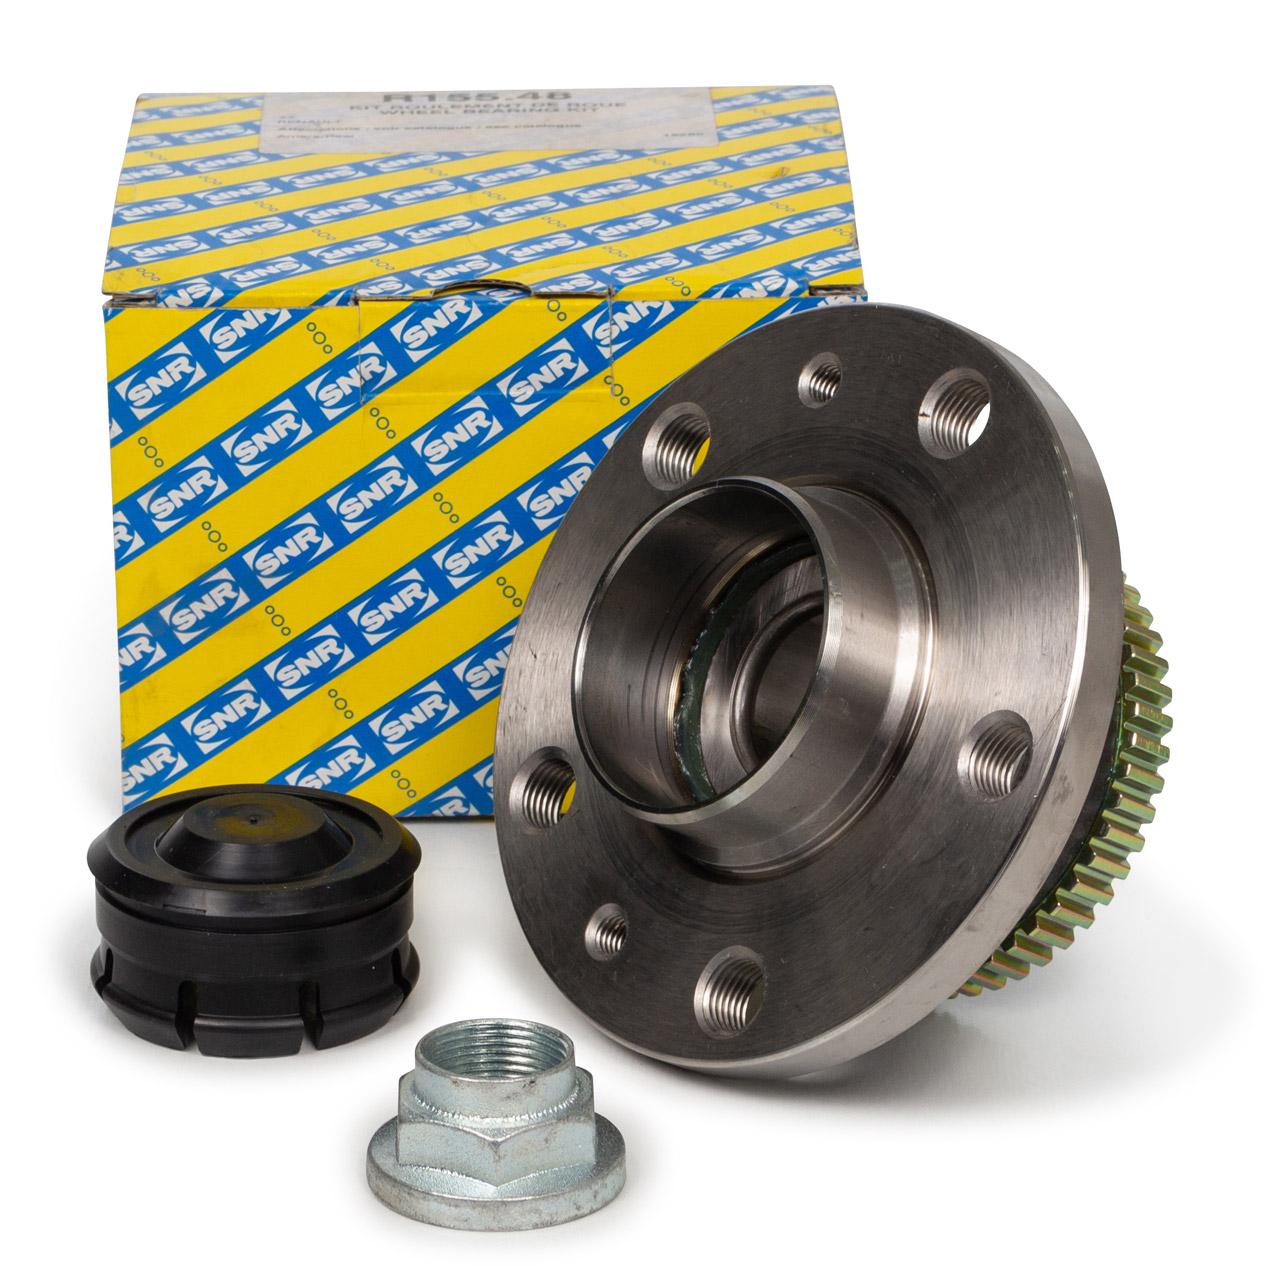 SNR R155.48 Radlagersatz RENAULT Espace II 2.8 V6 mit ABS hinten 6025171137